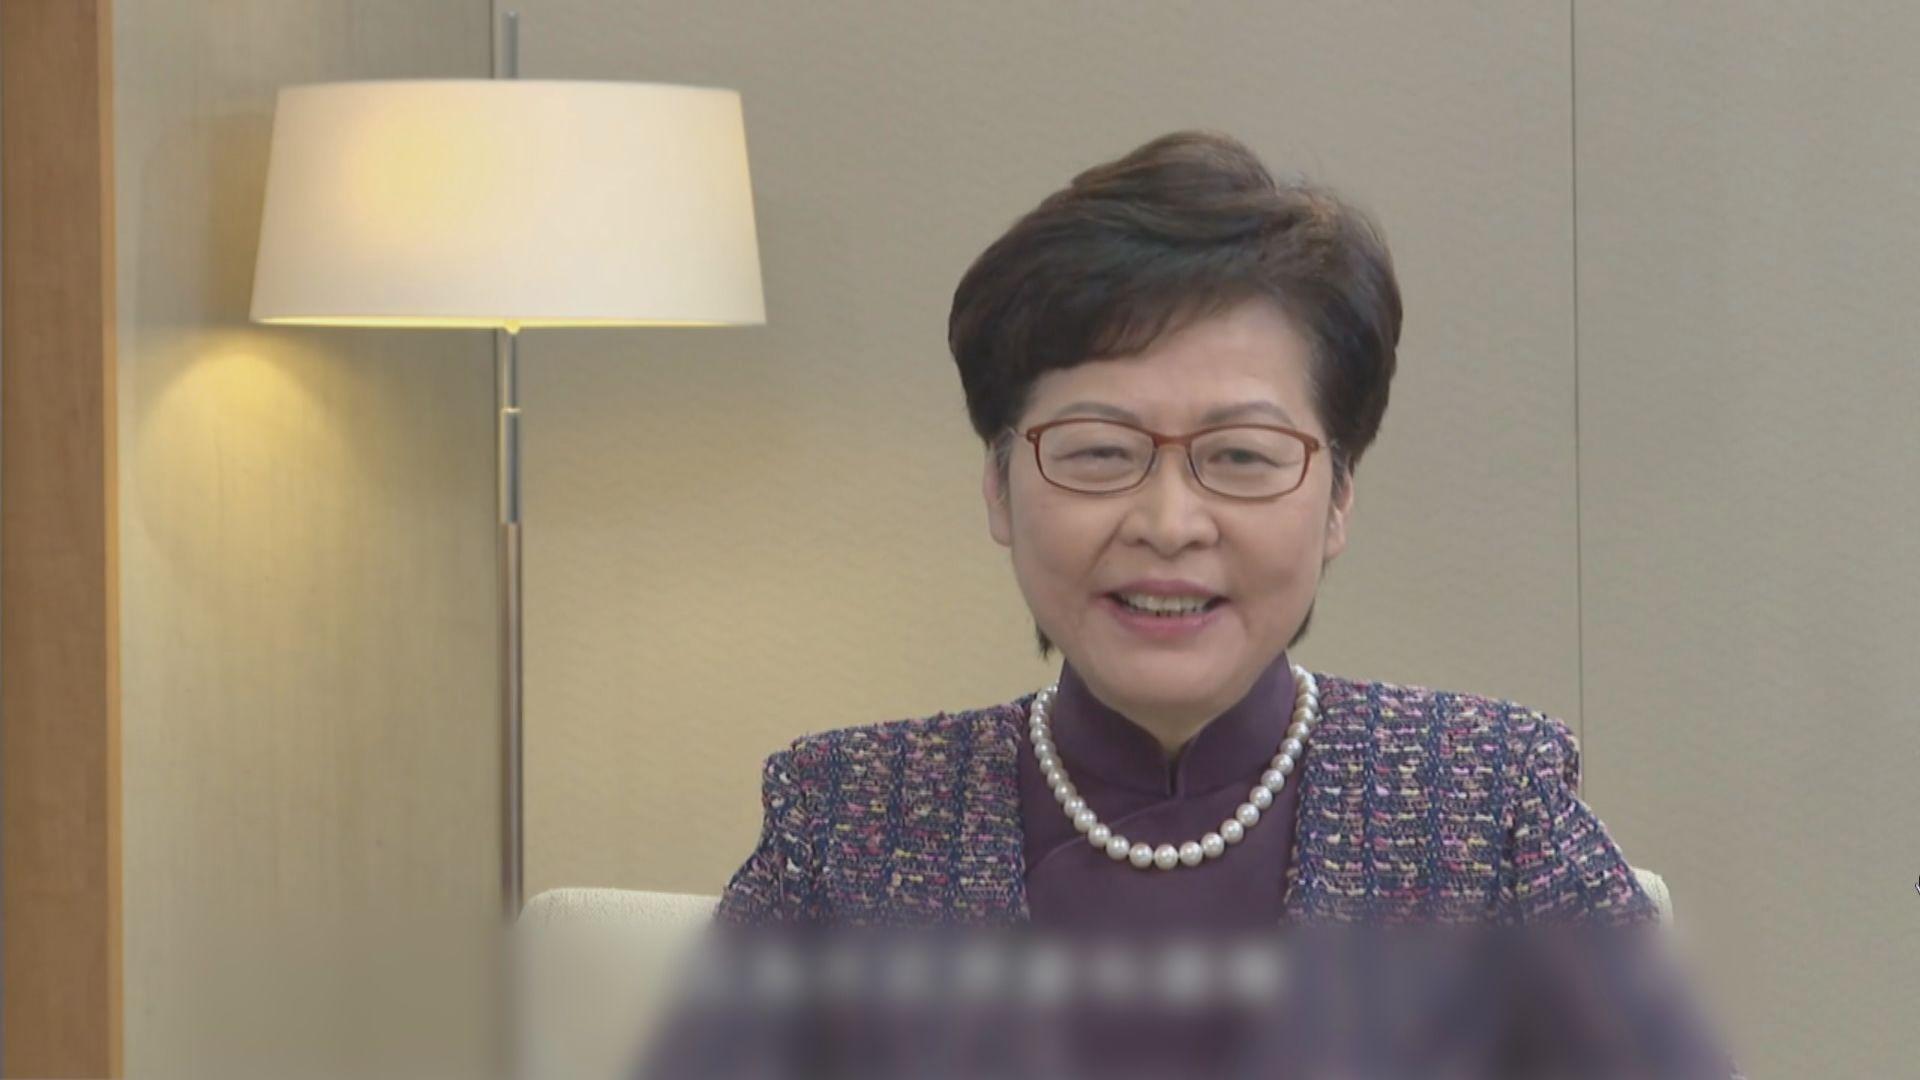 林鄭重提17年政改確保特首選舉有競爭 批評當年反對者